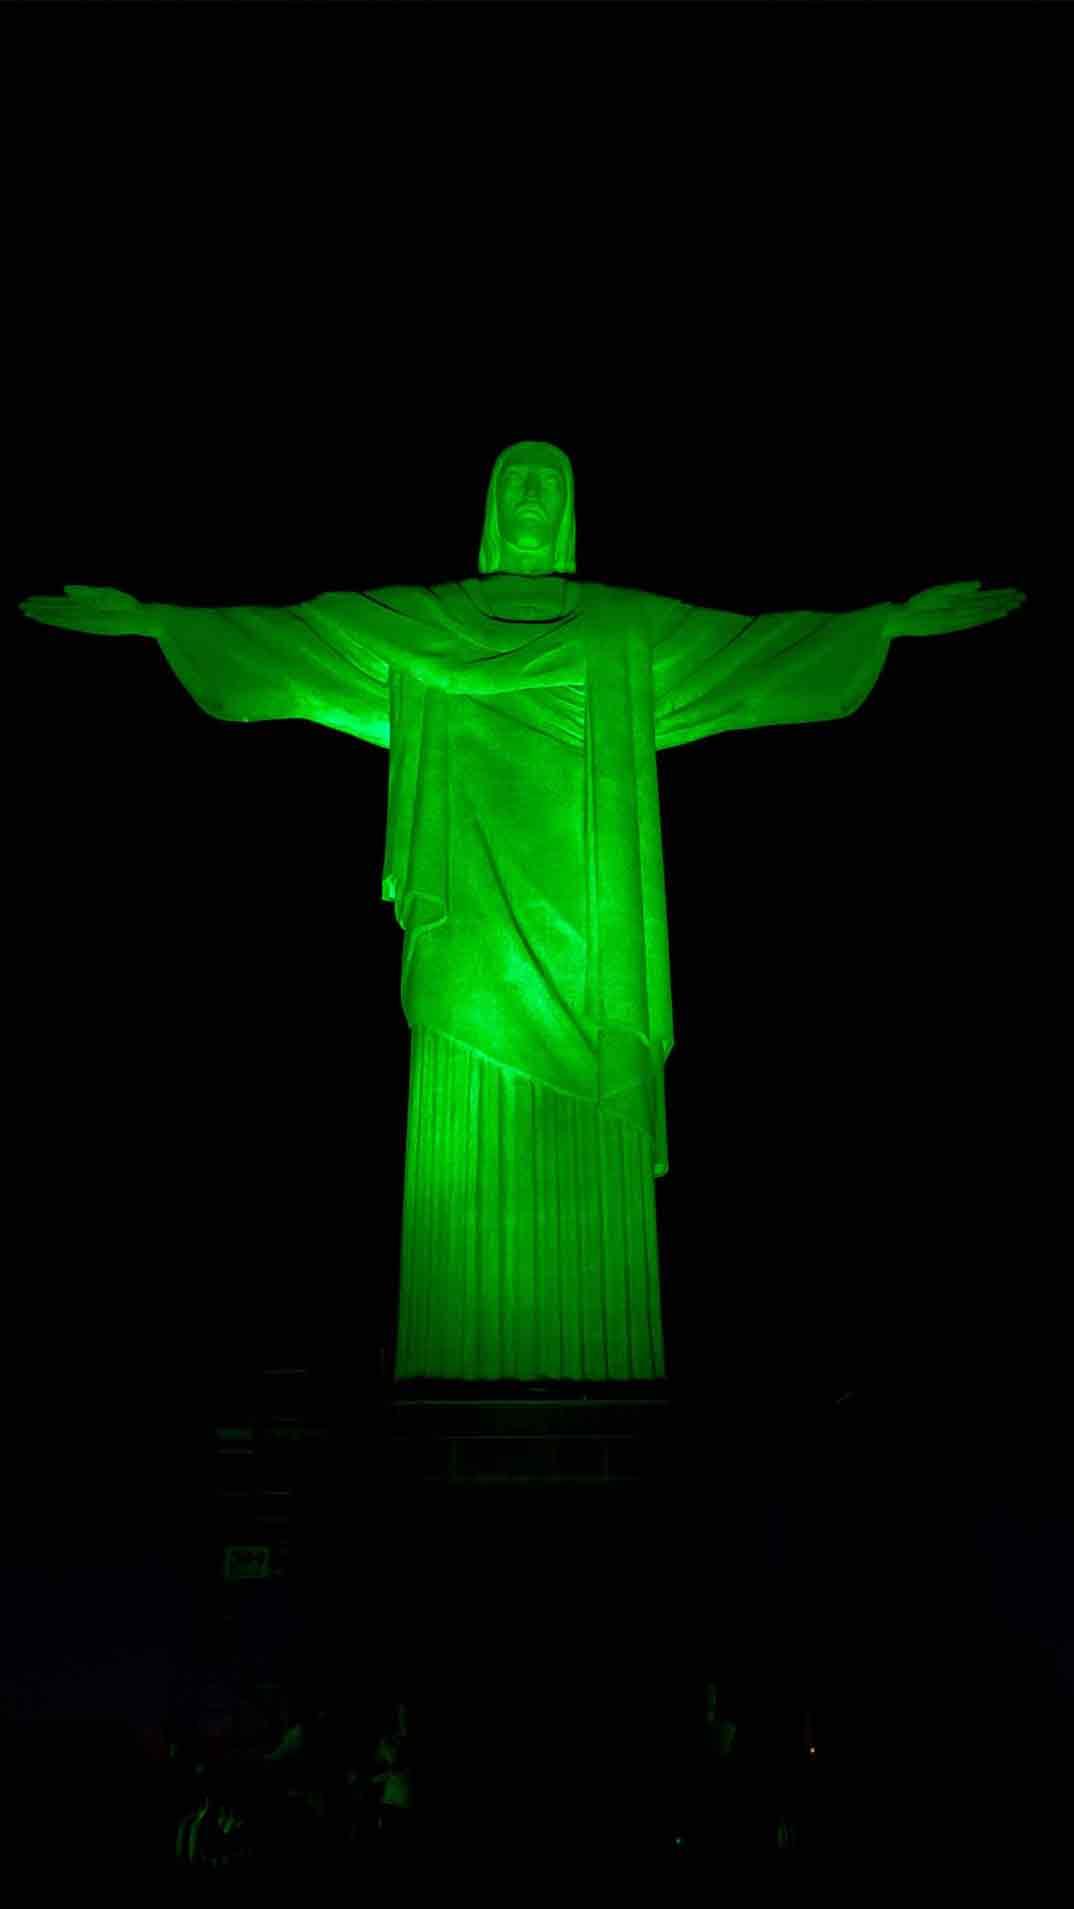 El Cristo Redentor - Río de Janeiro